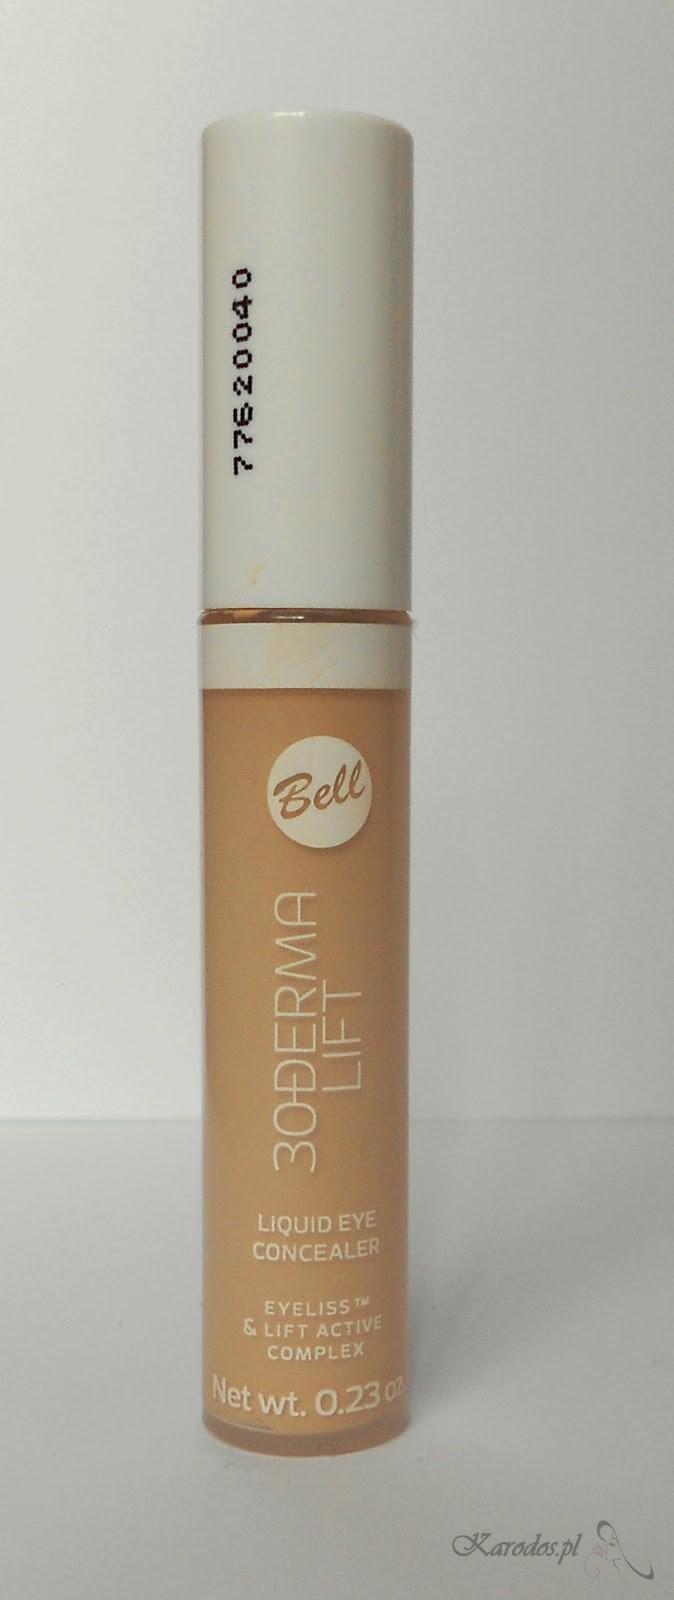 Bell, 30+Derma Lift, Dobry korektor pod oczy z Biedronki